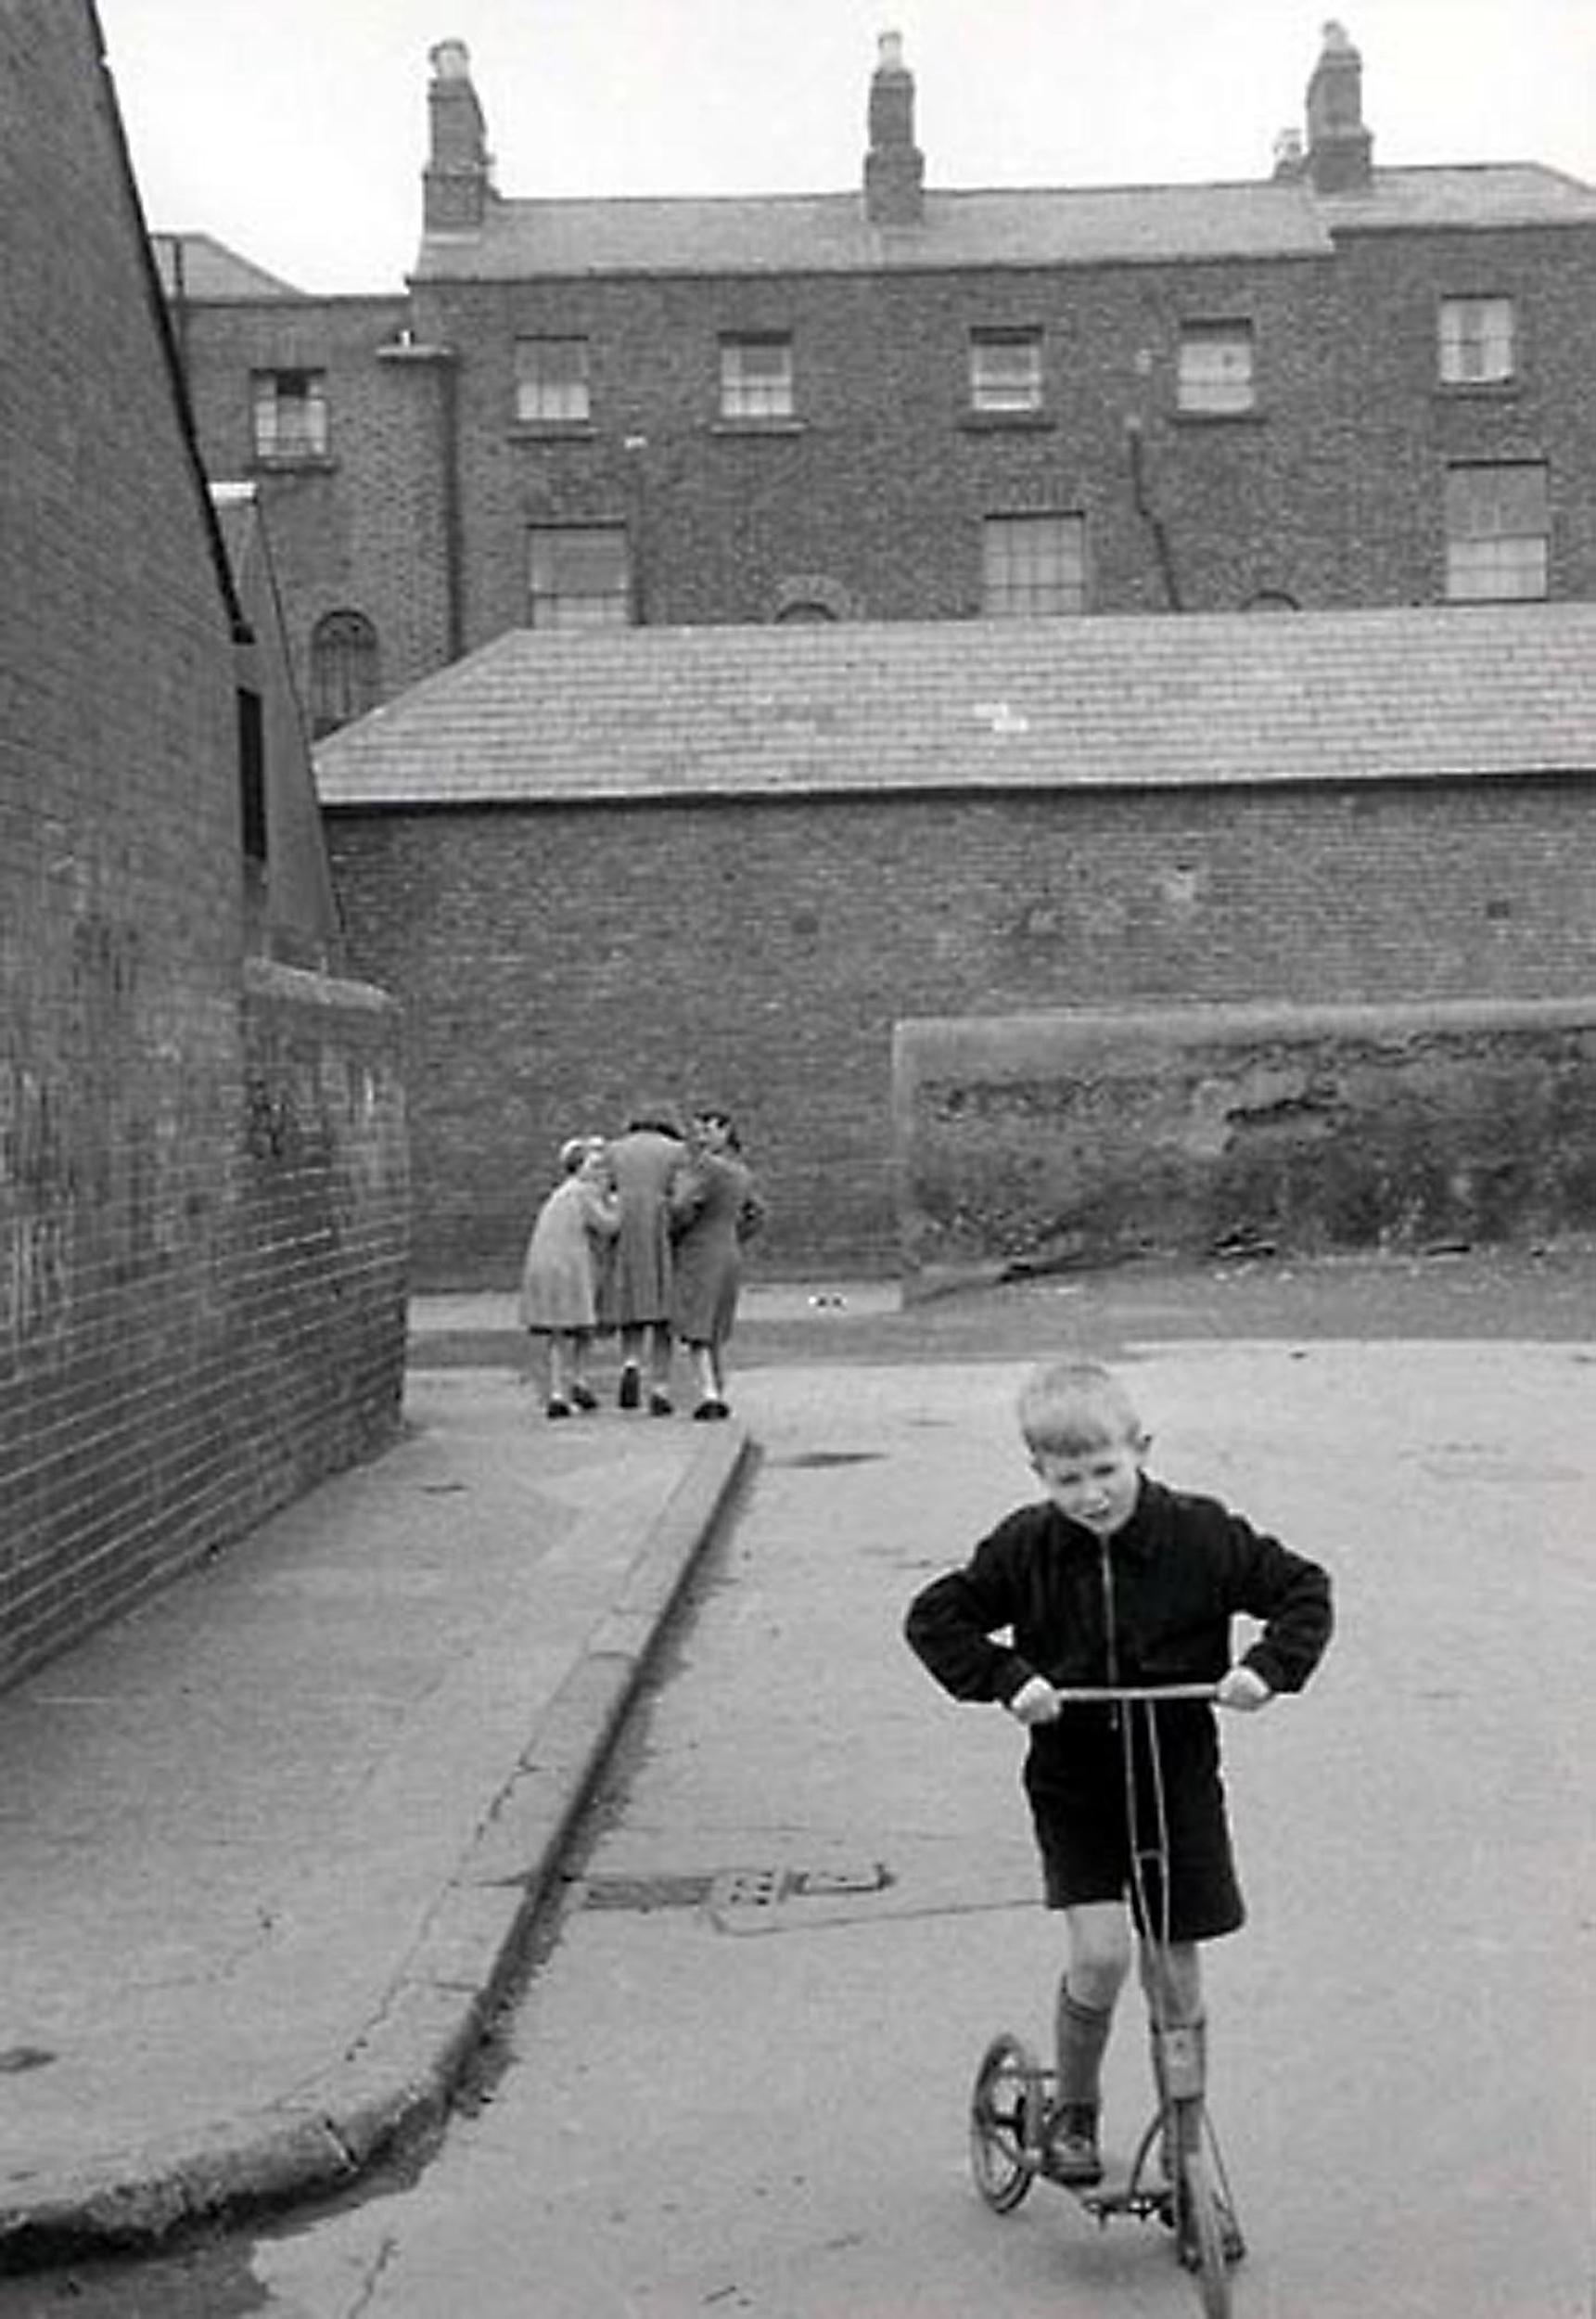 HANNON_boy_on_scooter_(dublin)_1957_p11x14_high.jpg